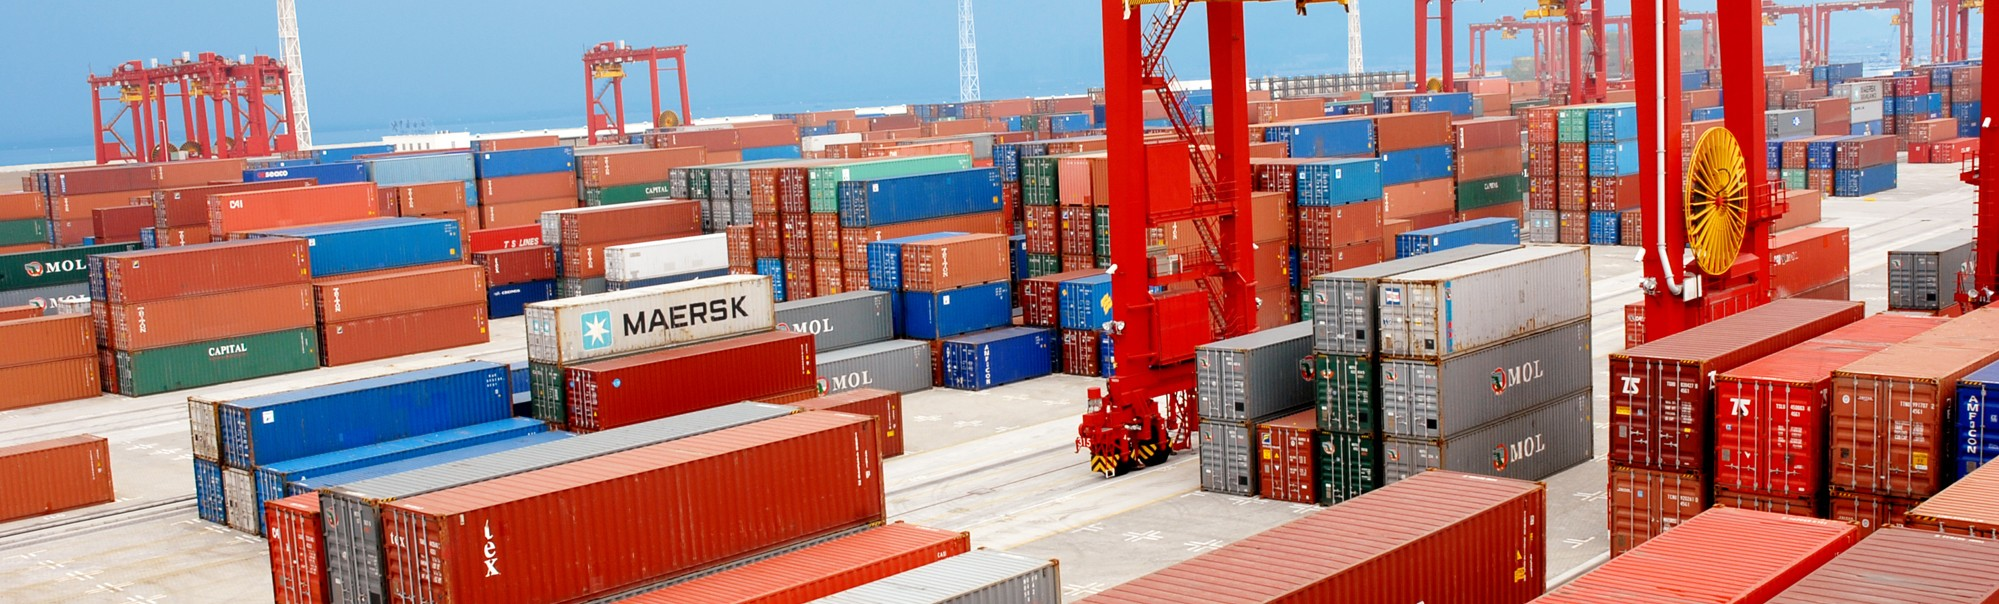 Терминальная обработка контейнерных грузов